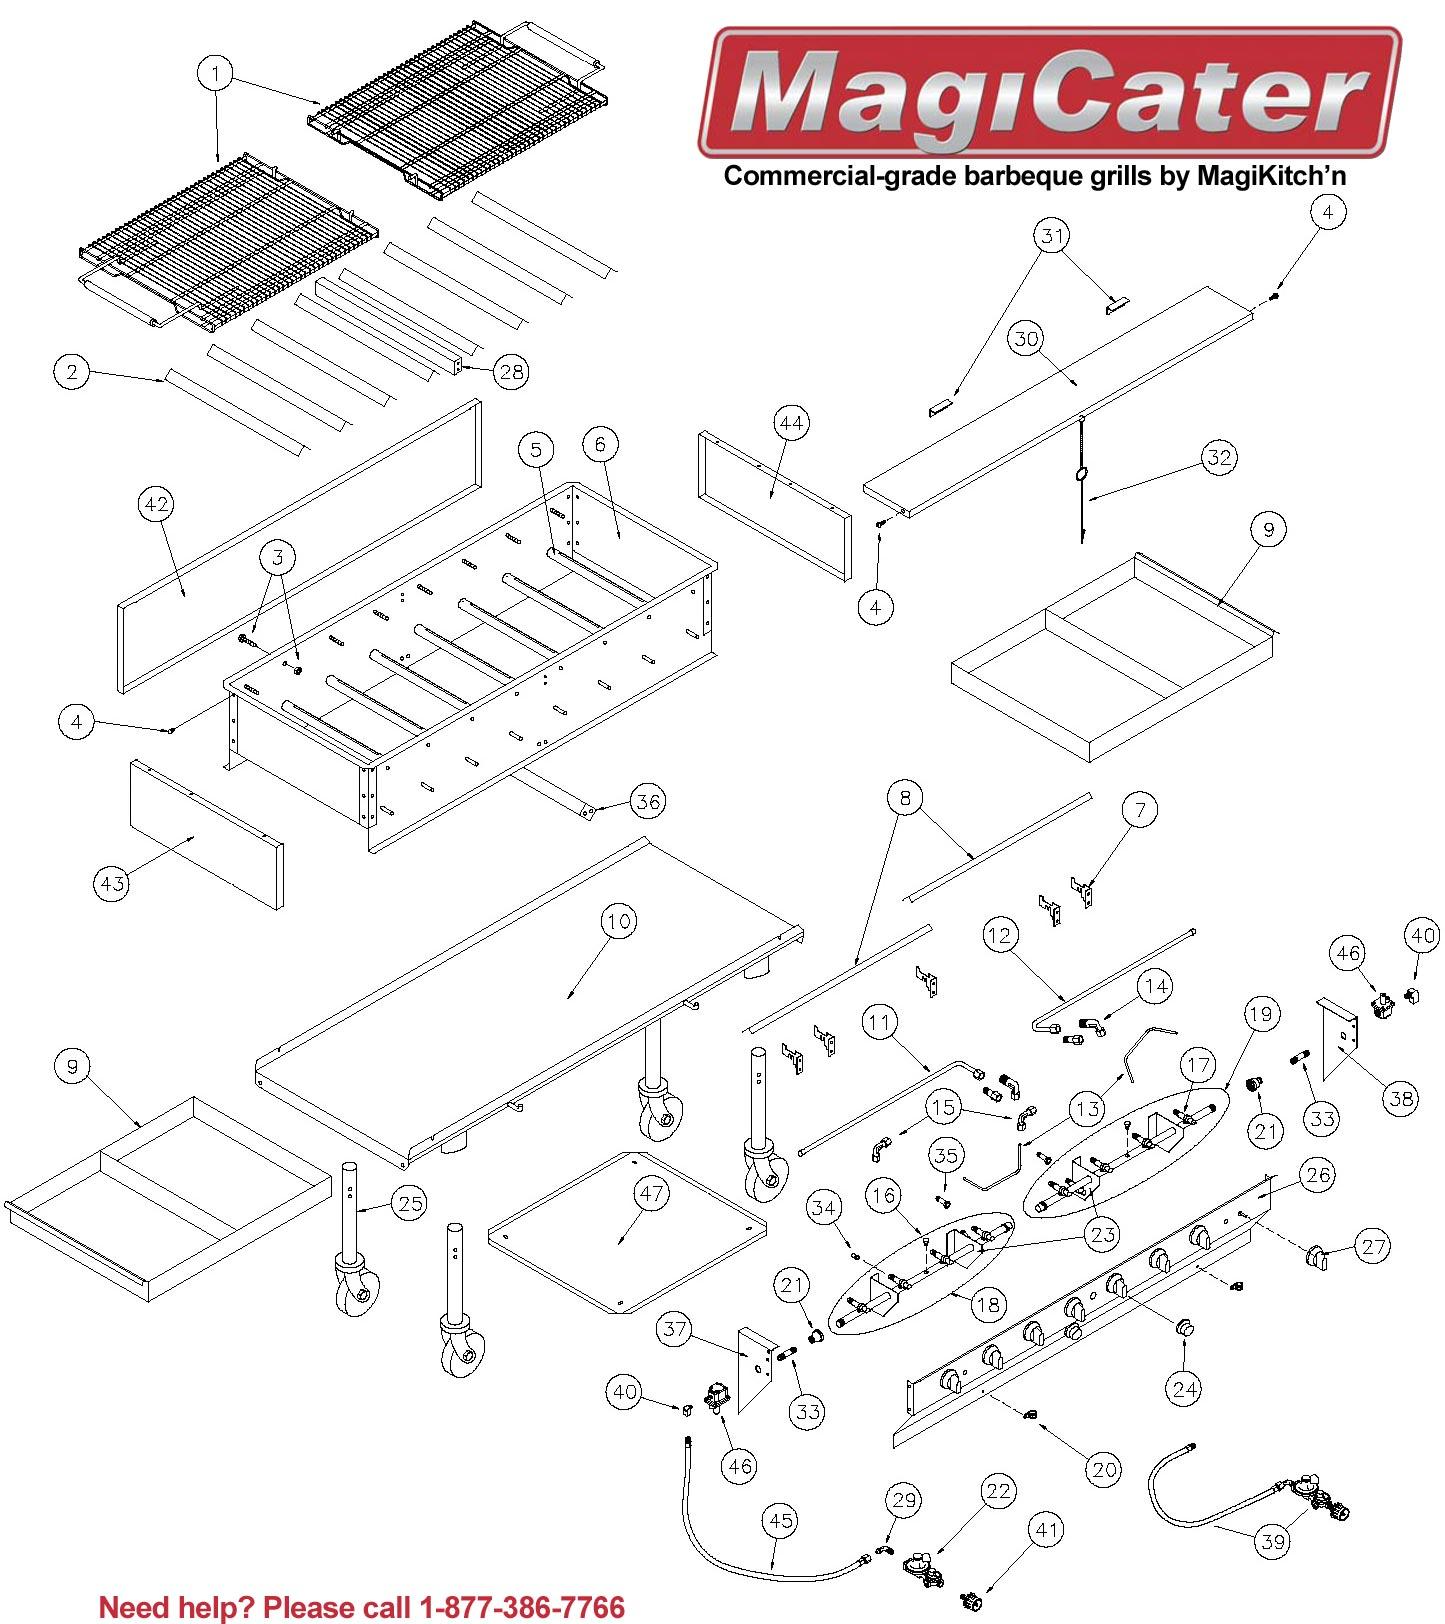 marine wind generator wiring diagram desktop computer viking range get free image about